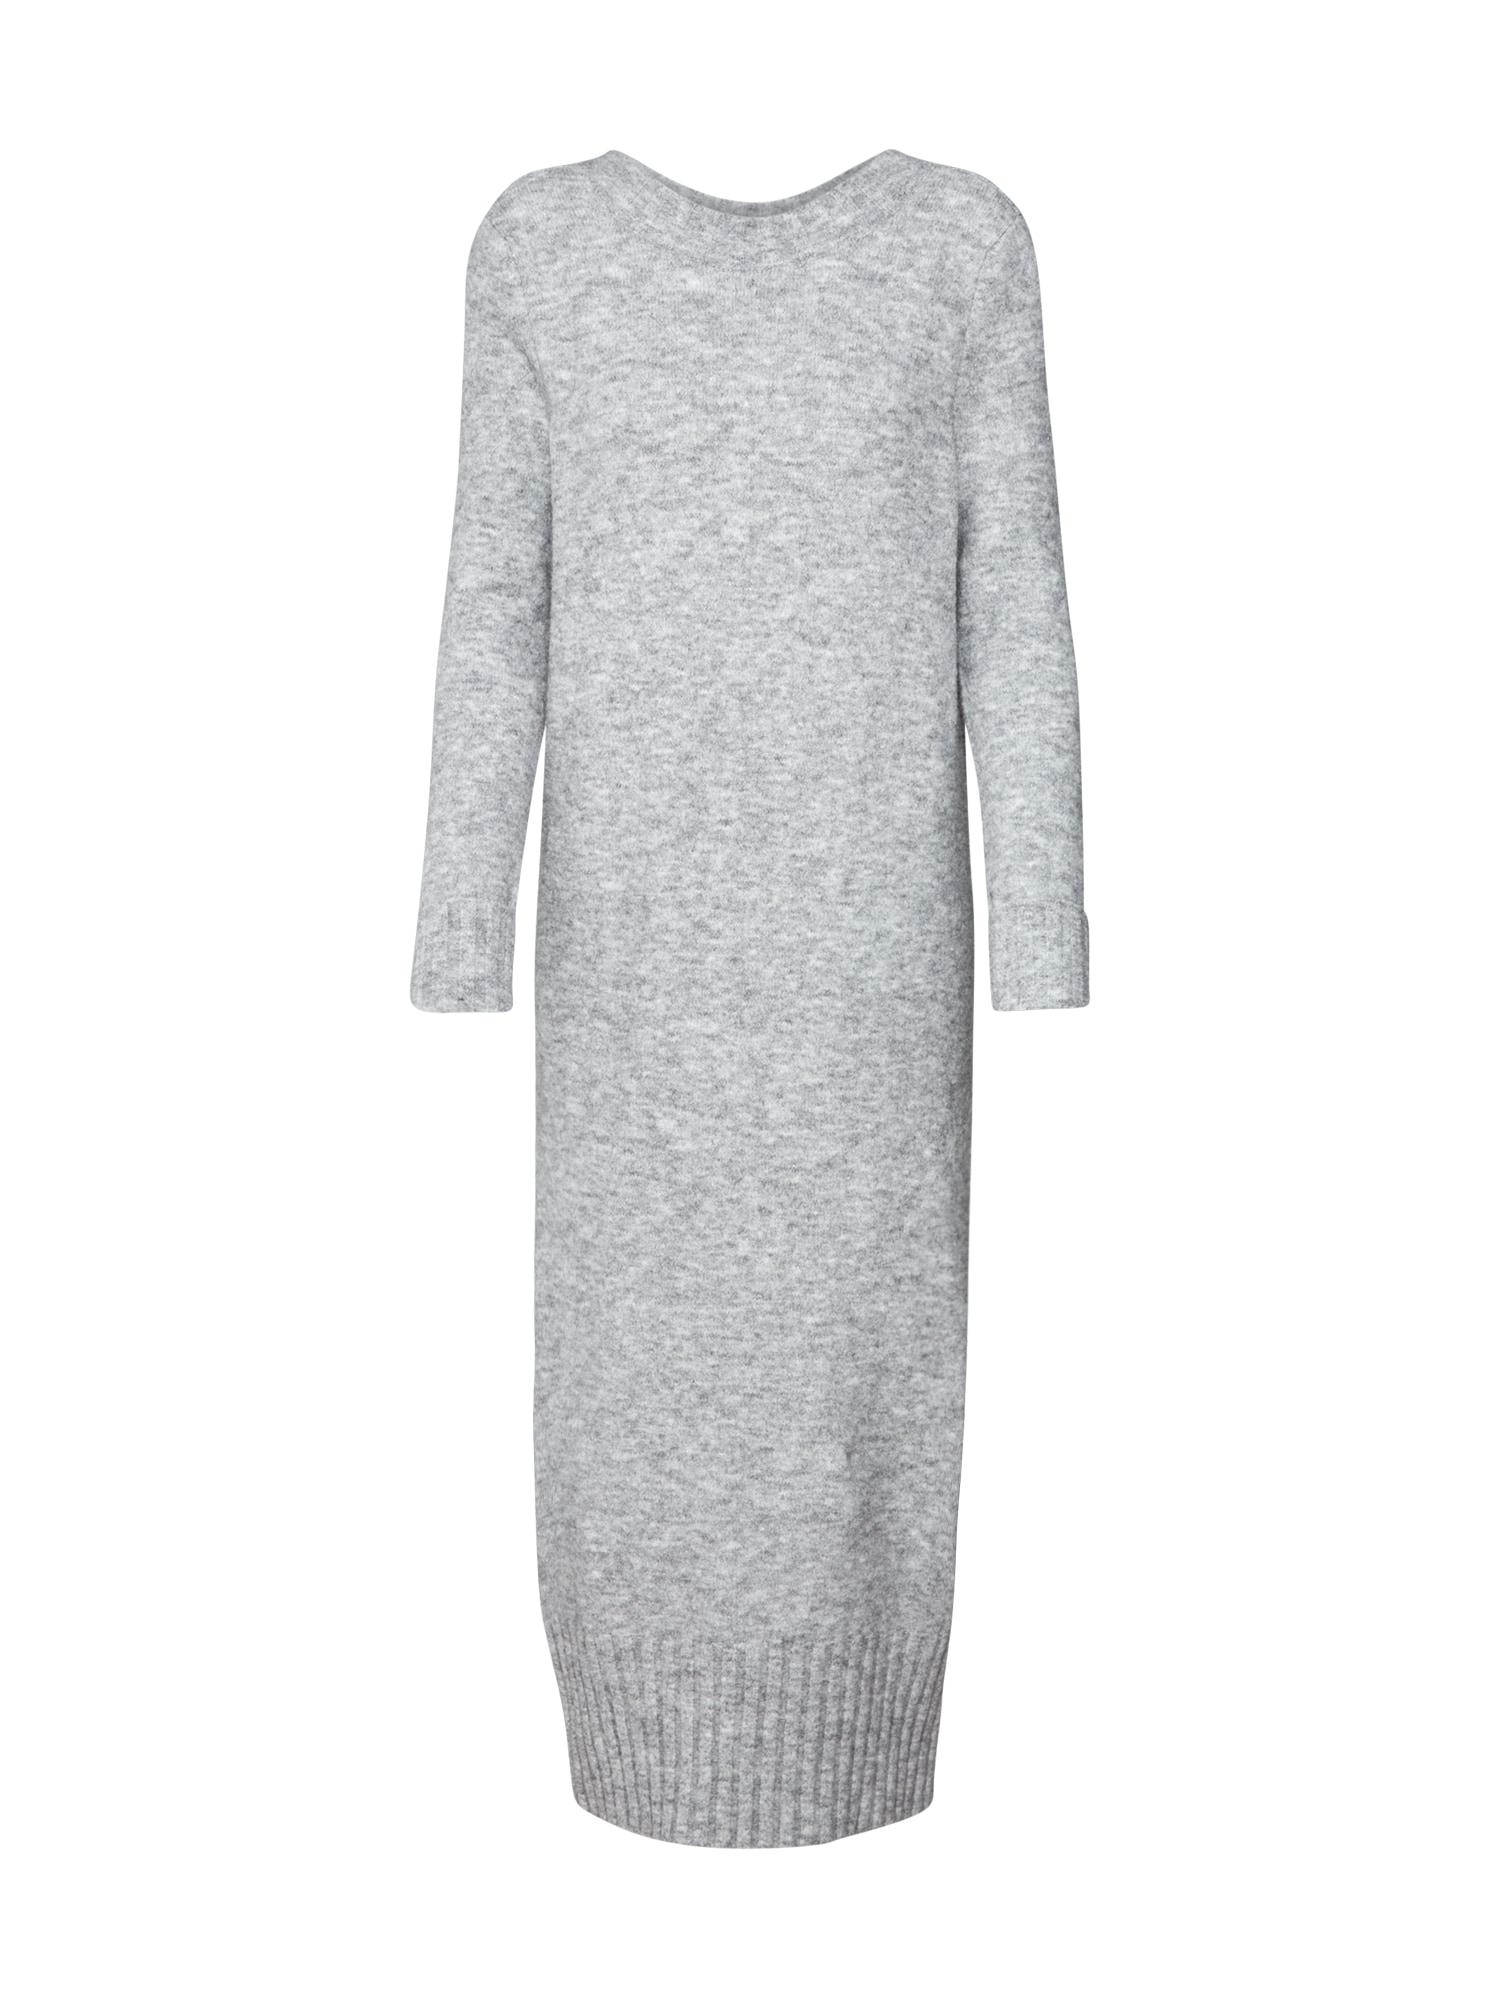 Úpletové šaty Deena šedý melír EDITED